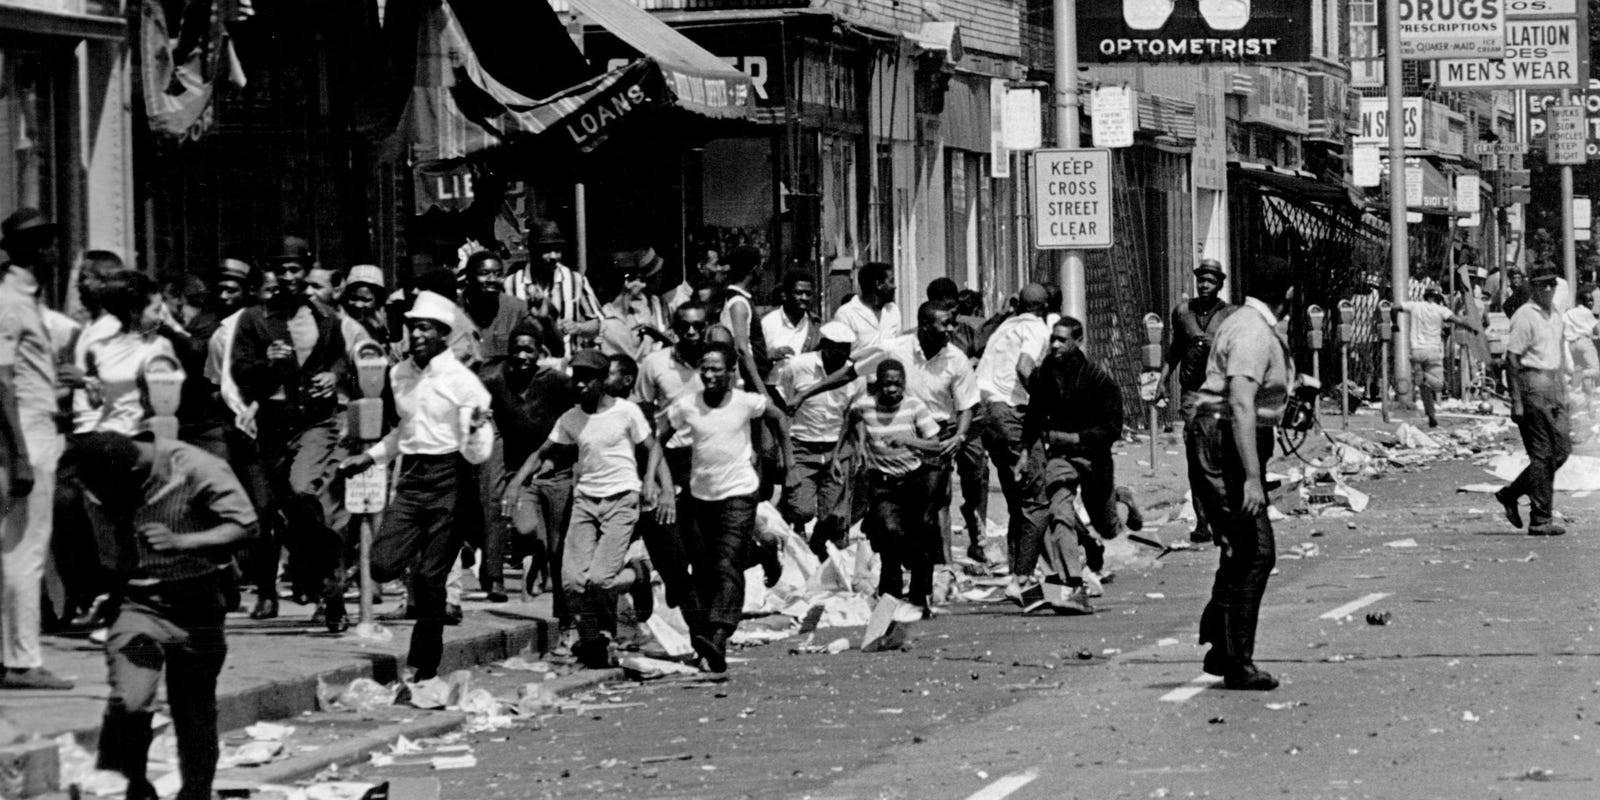 Destruction of the 1967 Detroit Riots